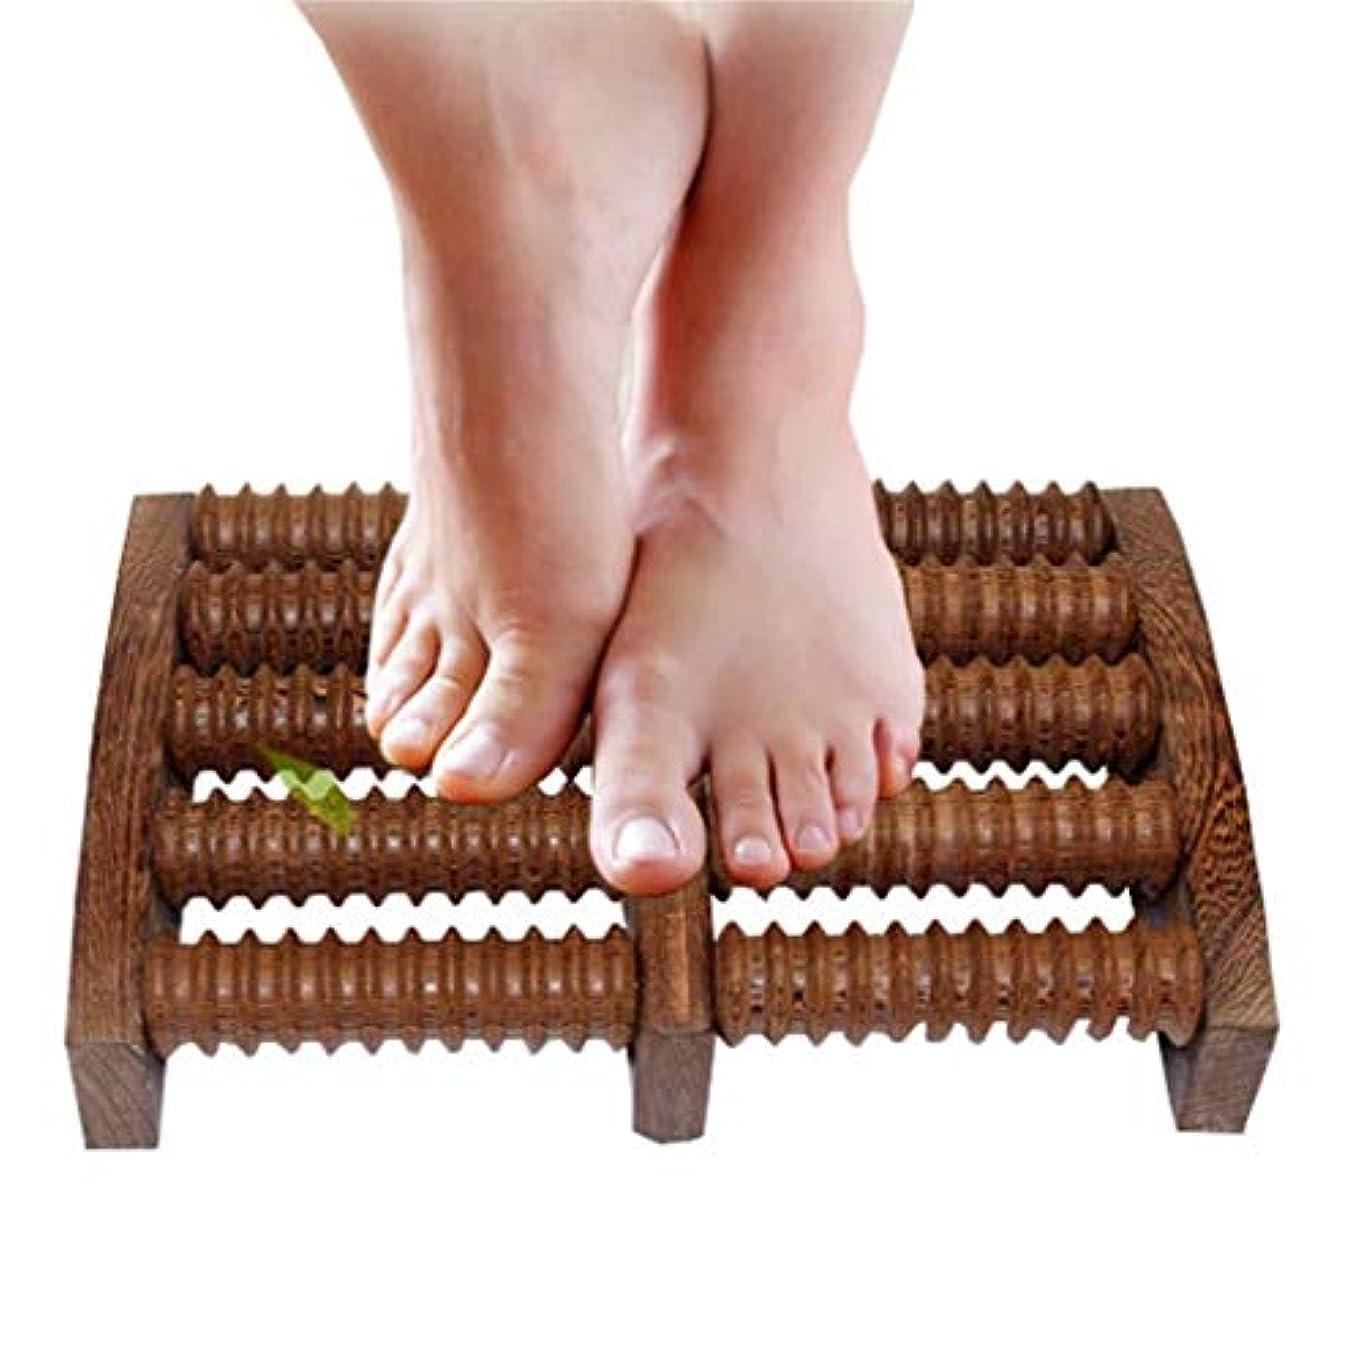 早熟特徴悪因子木製足裏マッサージローラーは、足底筋膜炎の治療のために圧力/かかととアーチの痛みを和らげ、筋肉と足のマッサージャーをリラックスさせます (Color : B)